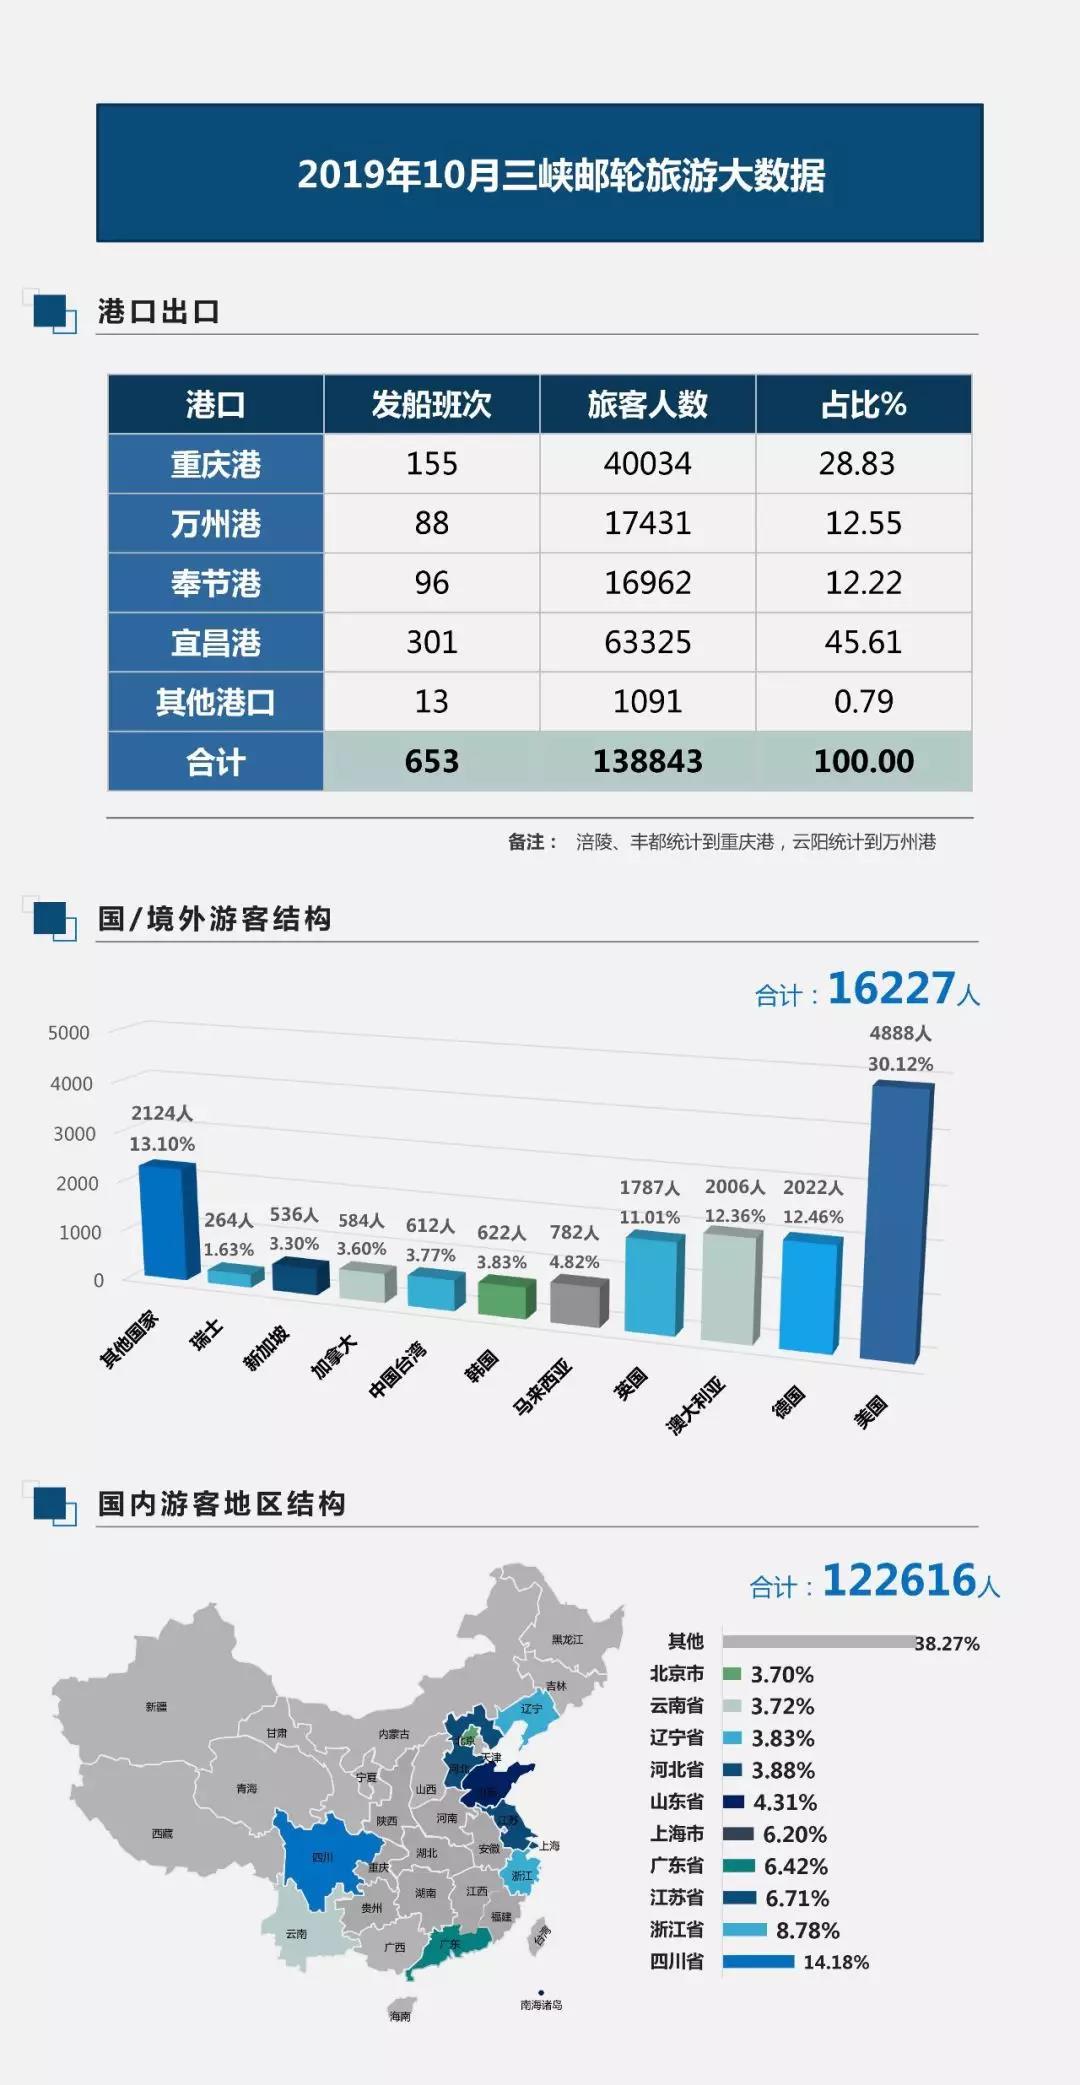 2019年10月长江三峡邮轮旅游大数据